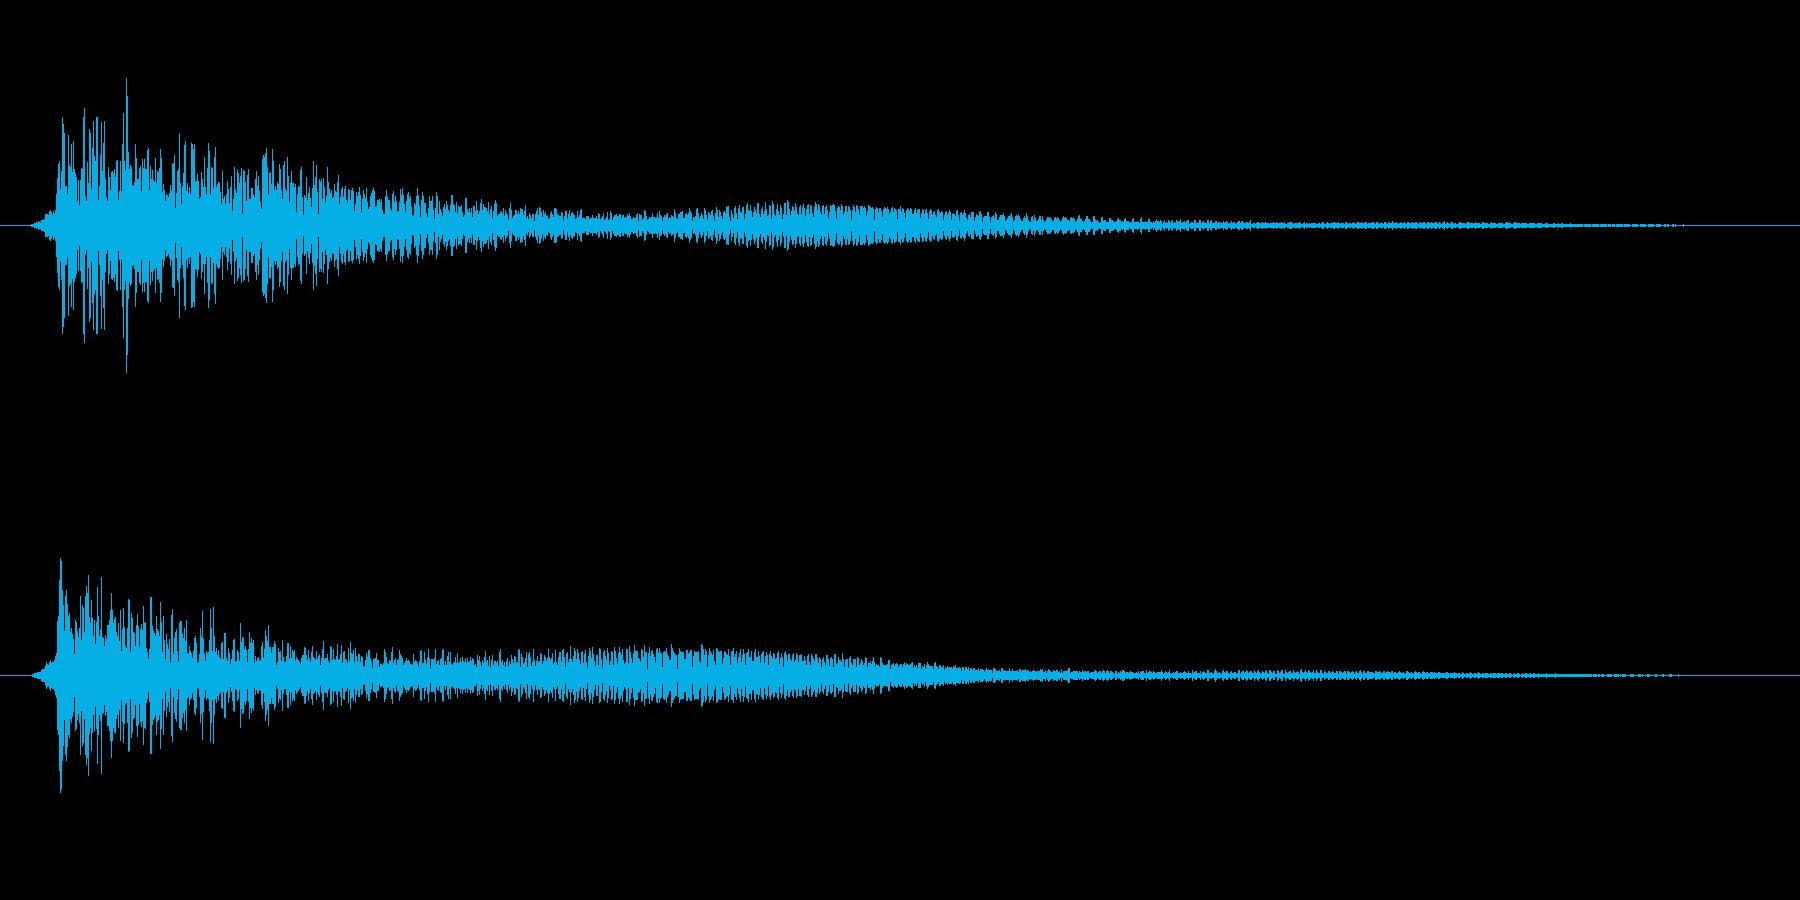 「ドゥーン」(ショックを受ける)の再生済みの波形